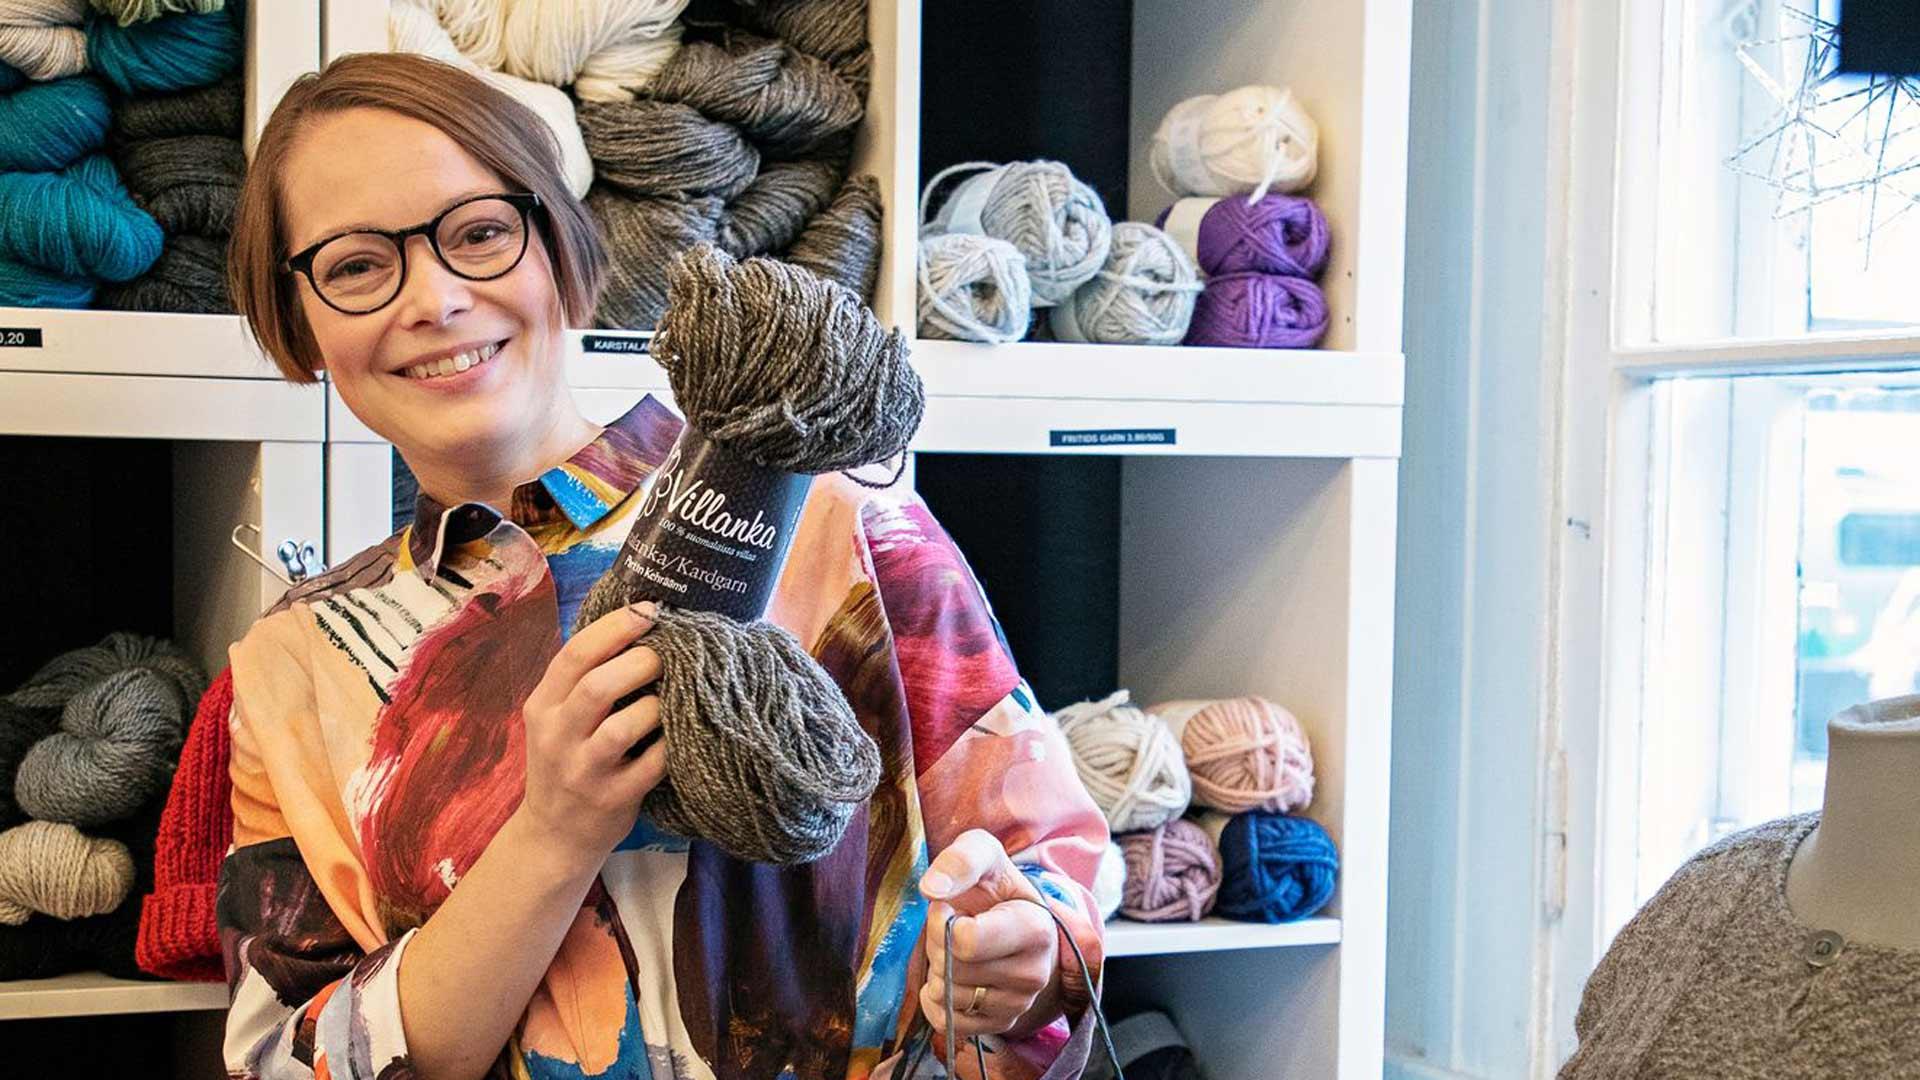 Taito-yhdistyksen toiminnanjohtaja Elina Seppänen iloitsee käsityöharrastuksen suosiosta ja kehuu pohjoisen tuotteiden monipuolisuutta.